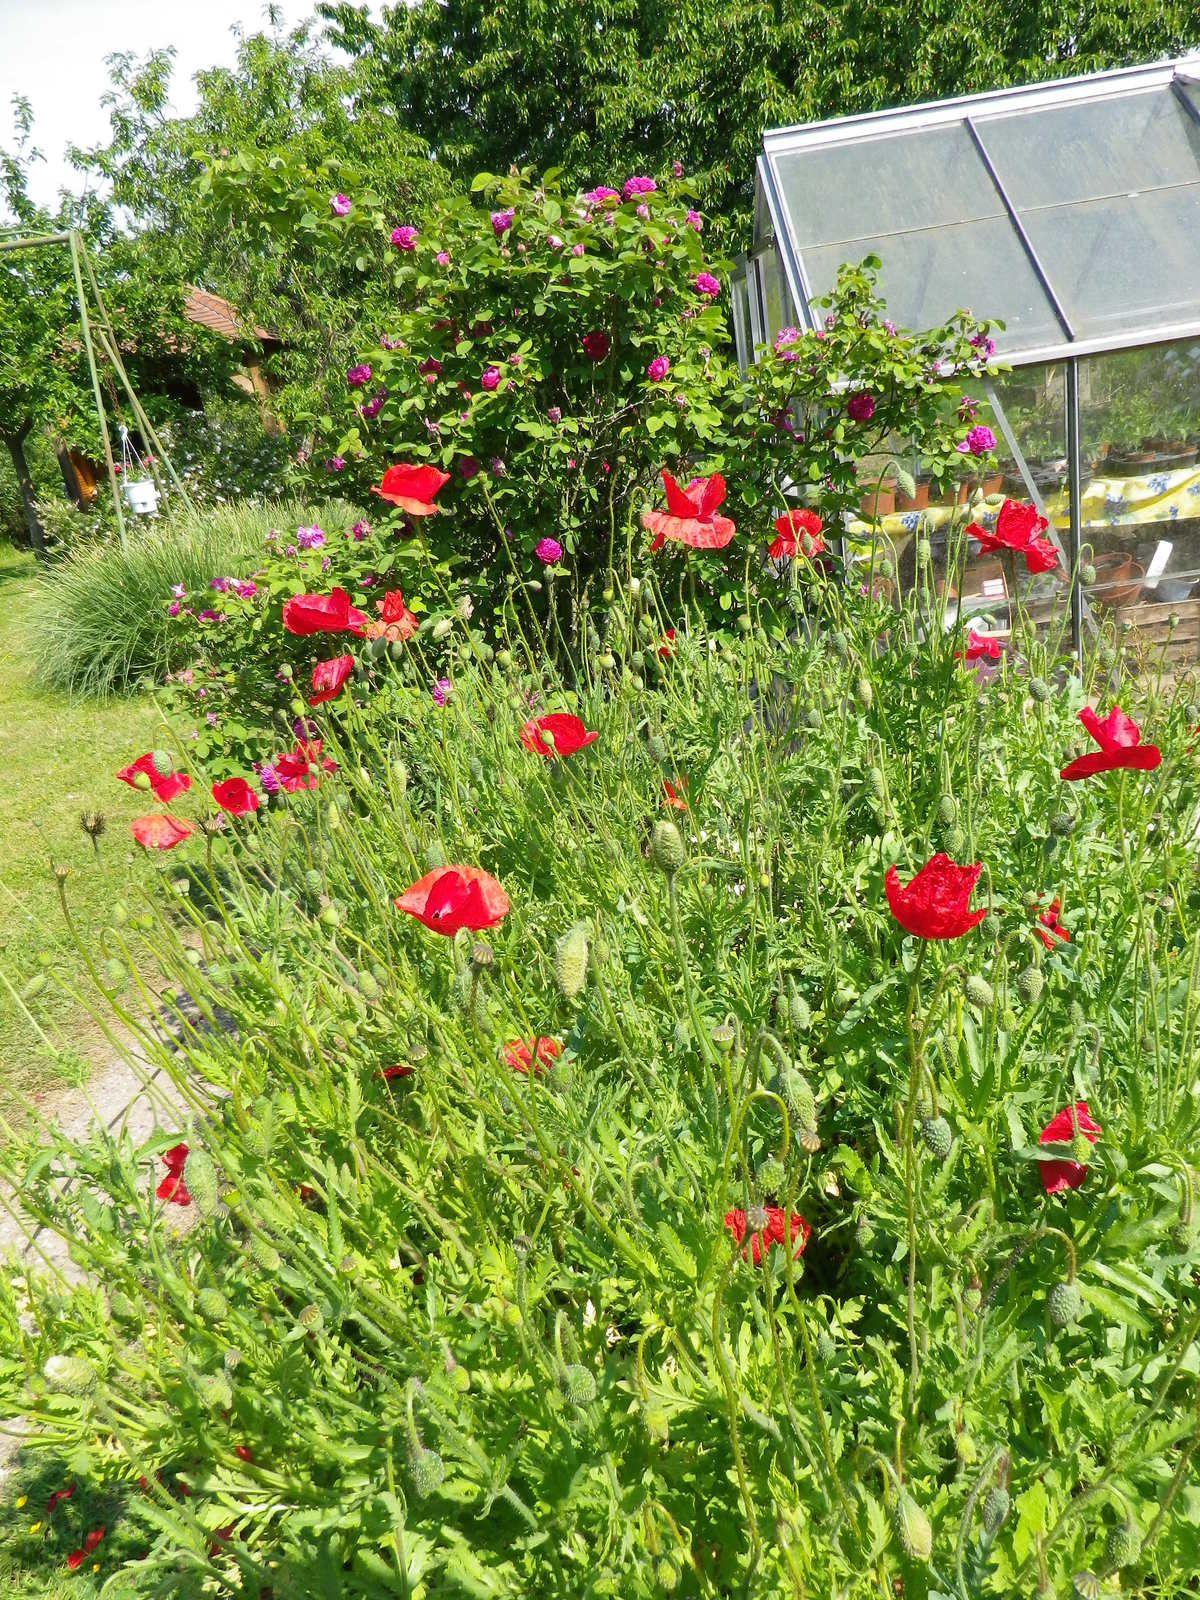 Dimanche matin dans le jardin le blog lamitebrantaise for Le jardin katalog 2015